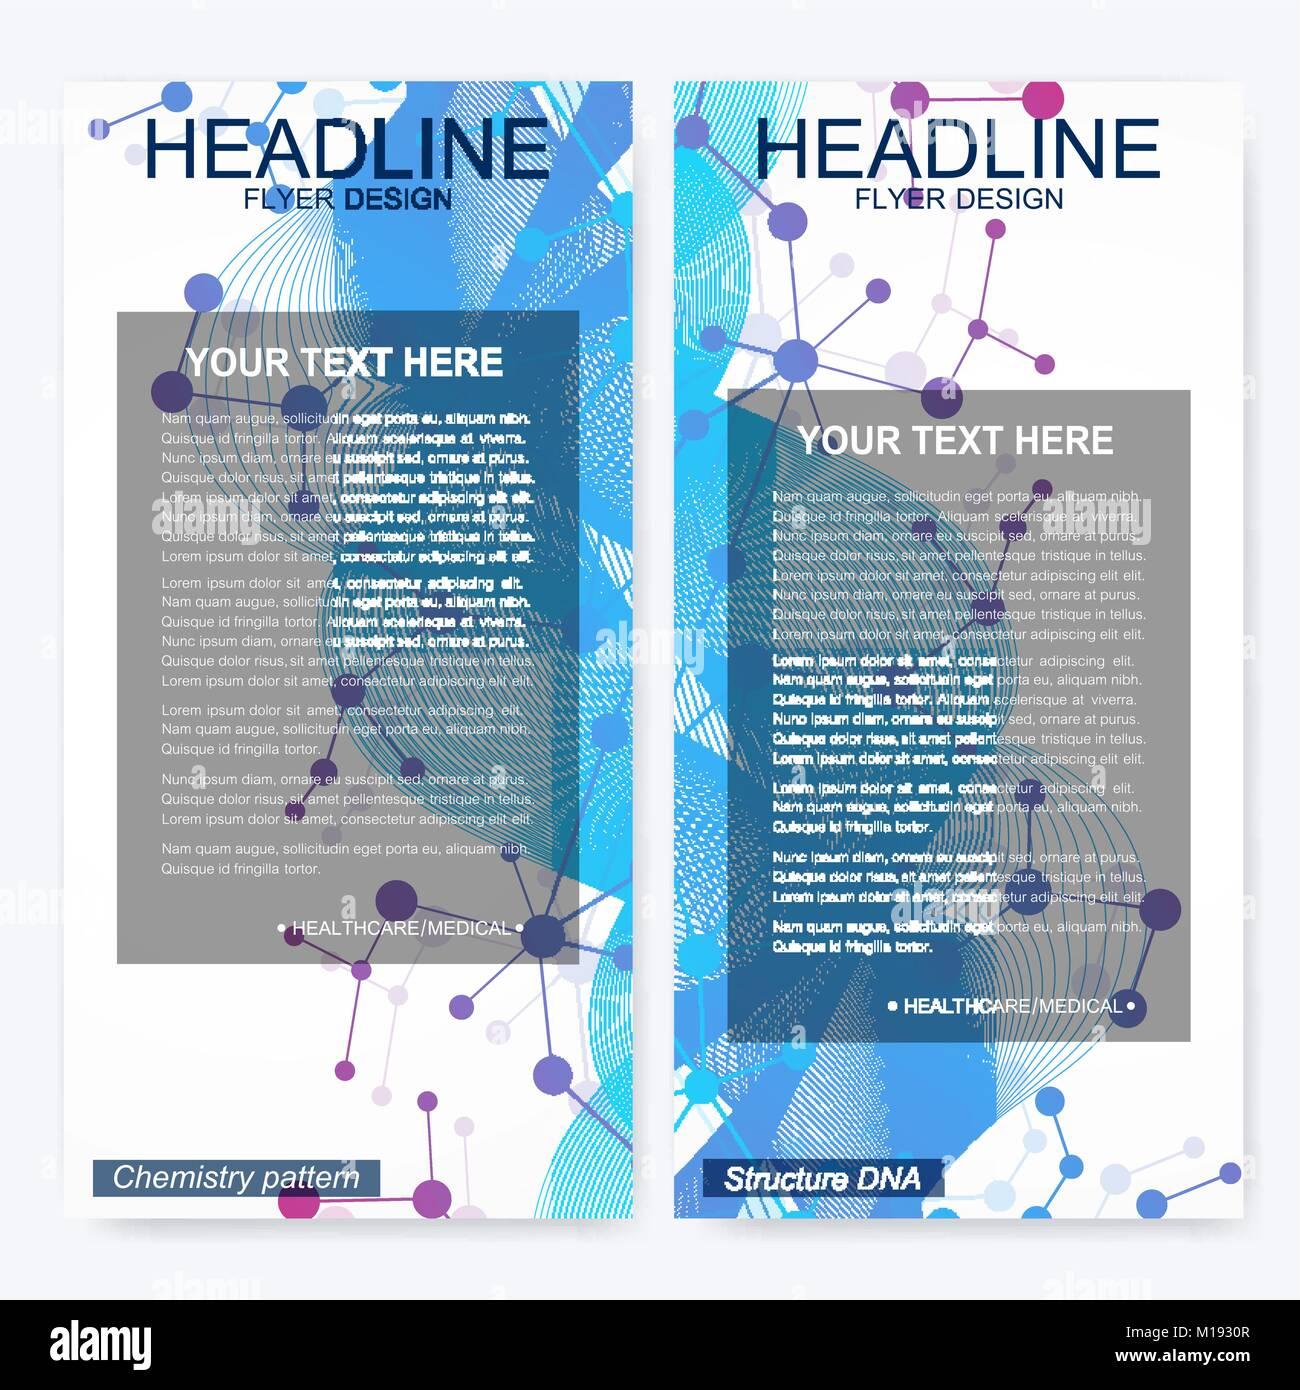 Folleto diseño de folleto. La portada de la revista Identidad ...